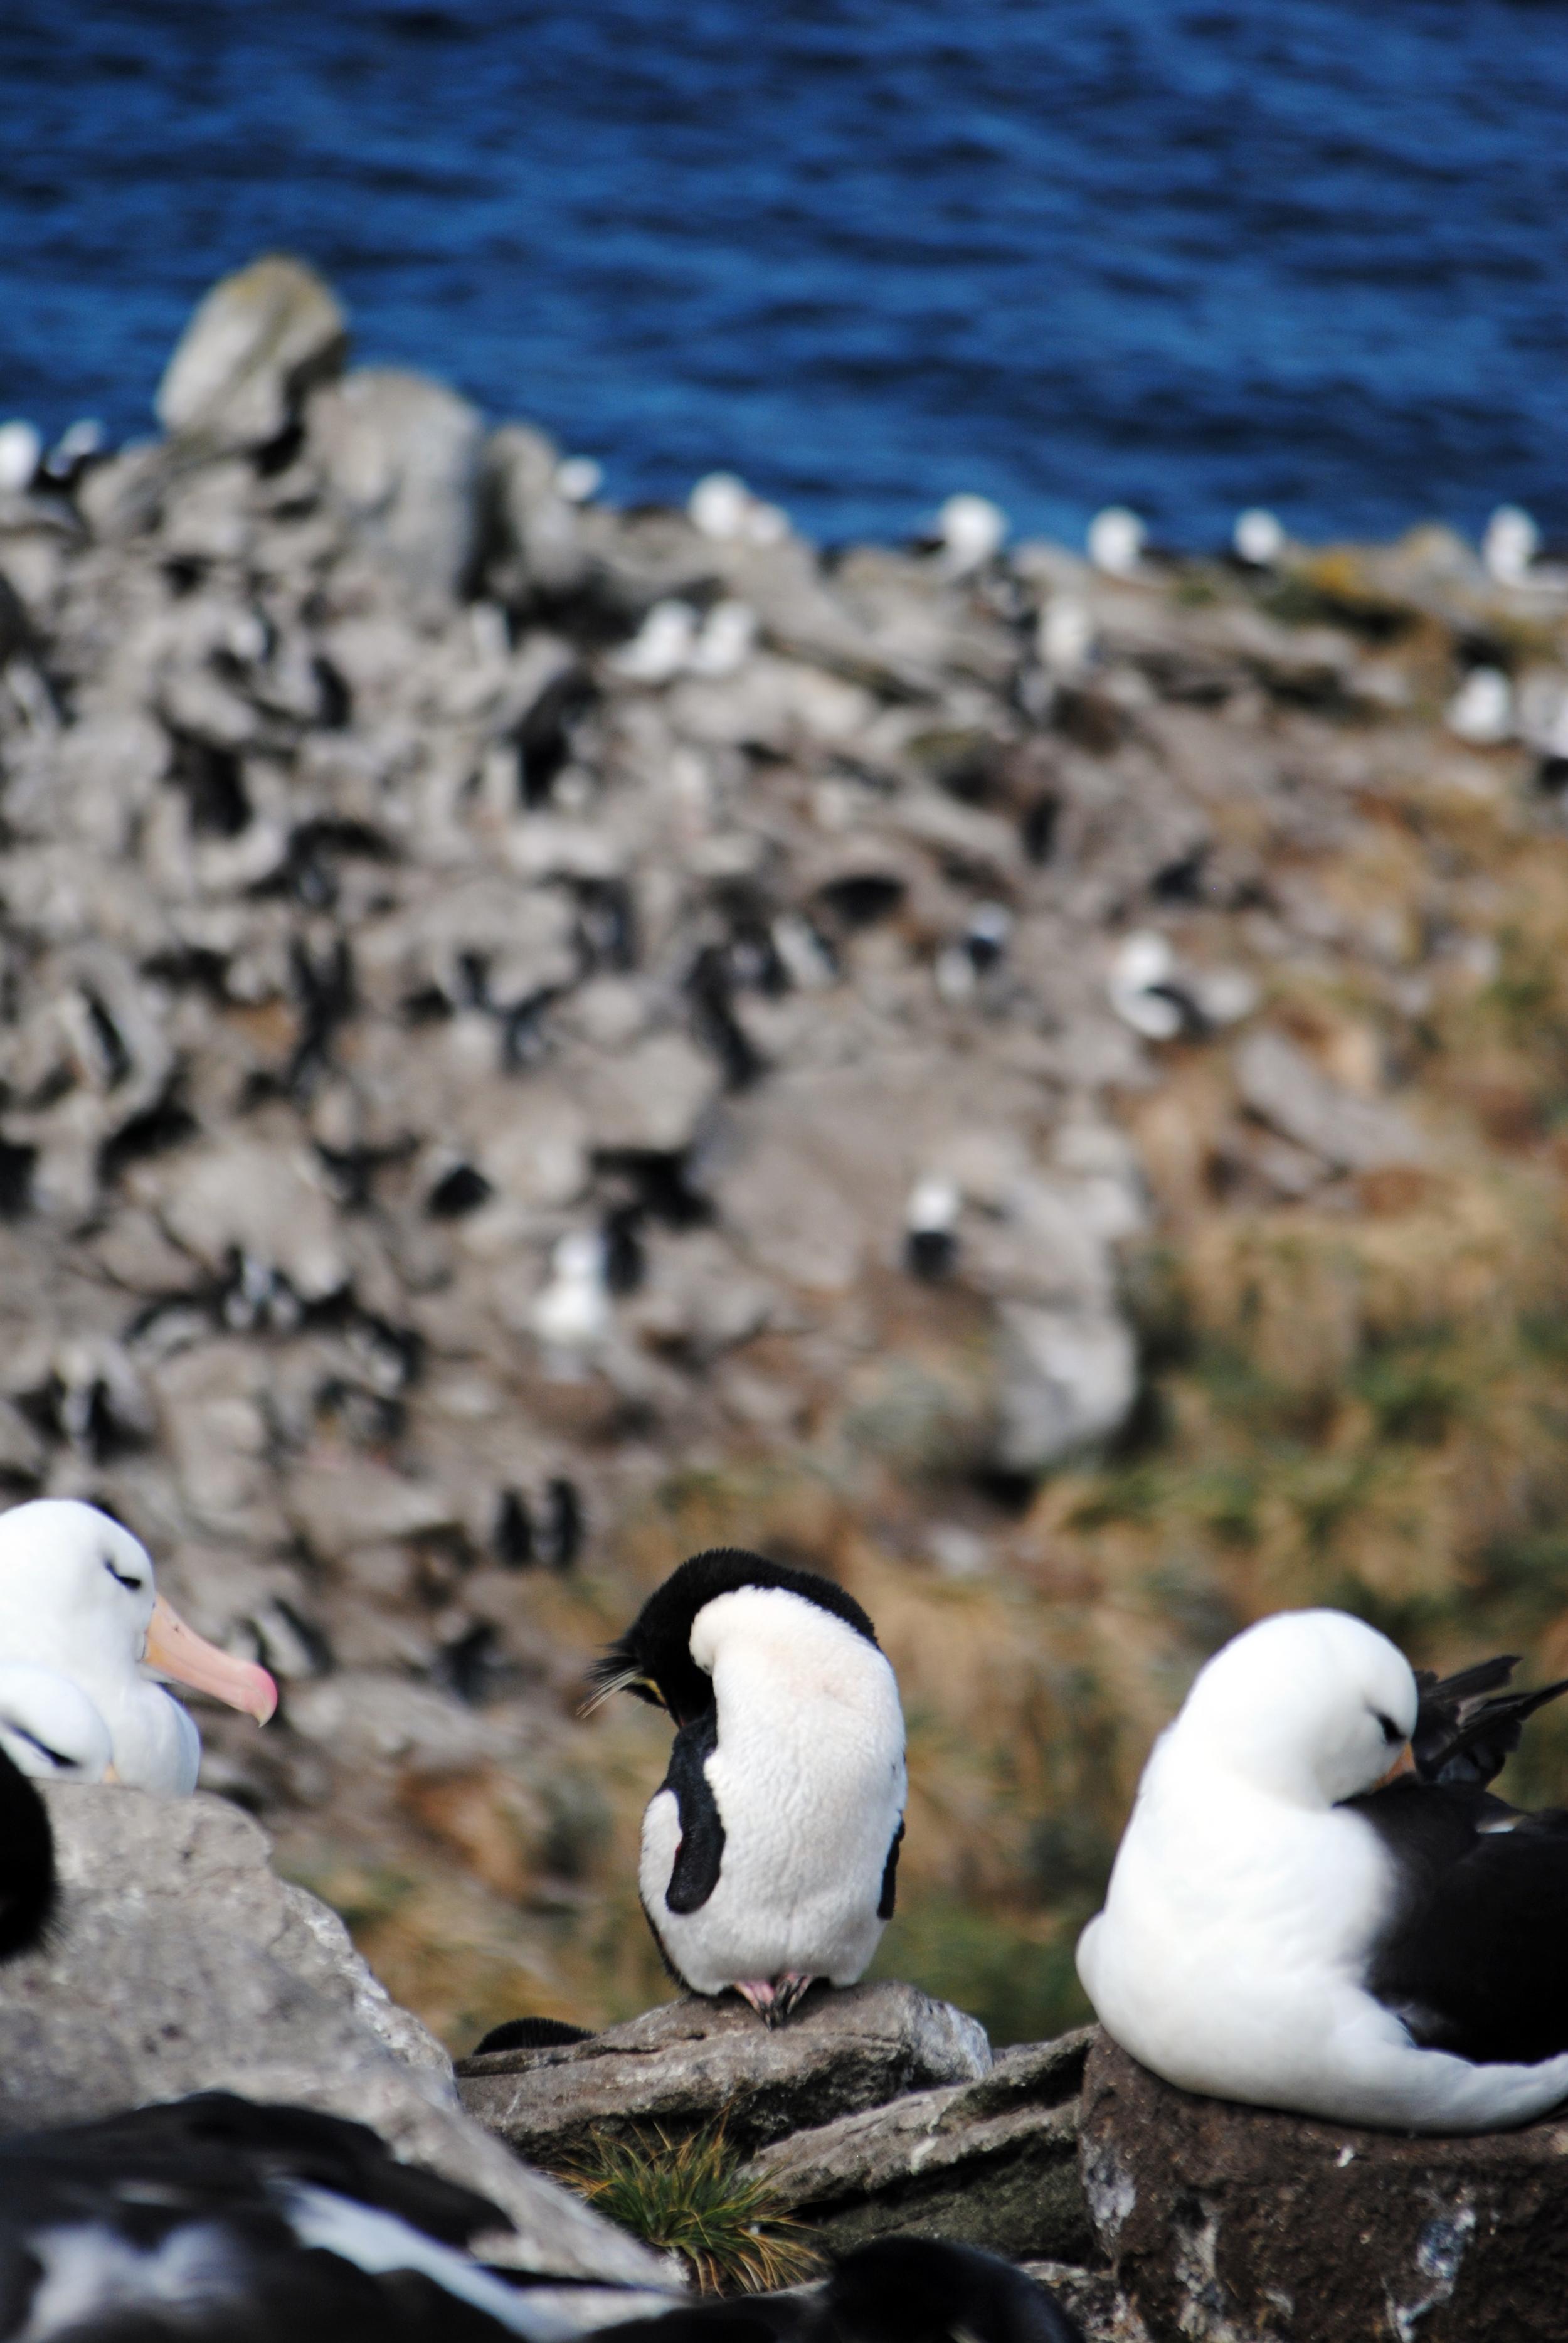 Falkland Islands, Saunders Island, black browed albatross, rockhopper penguin, penguins - Maggie a la Mode